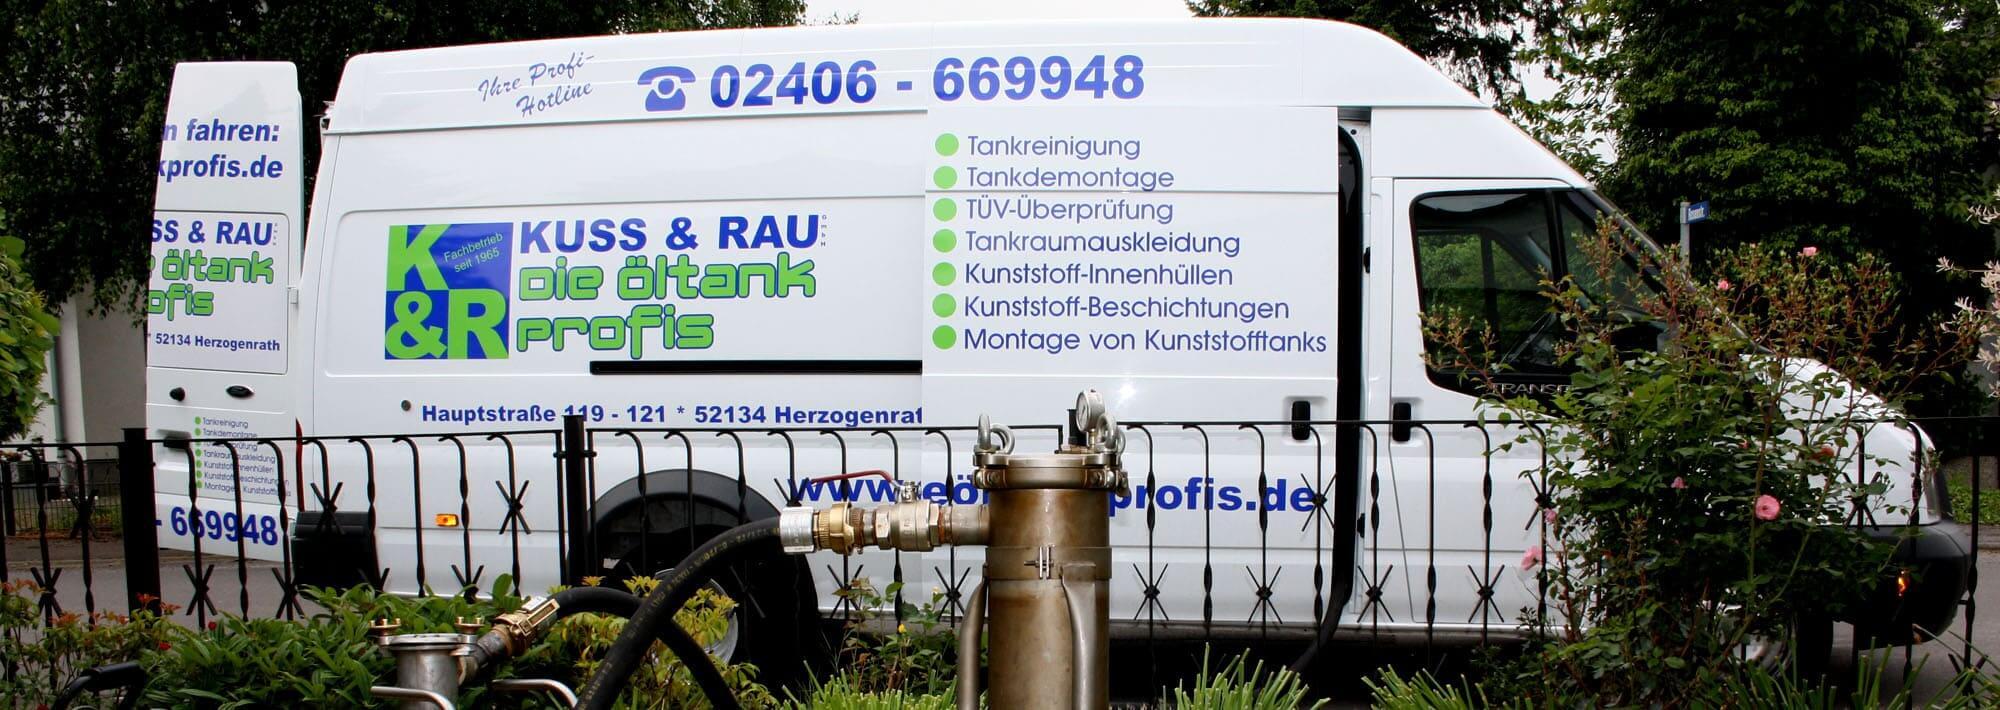 Kuss & Rau - Fachbetrieb seit 1965